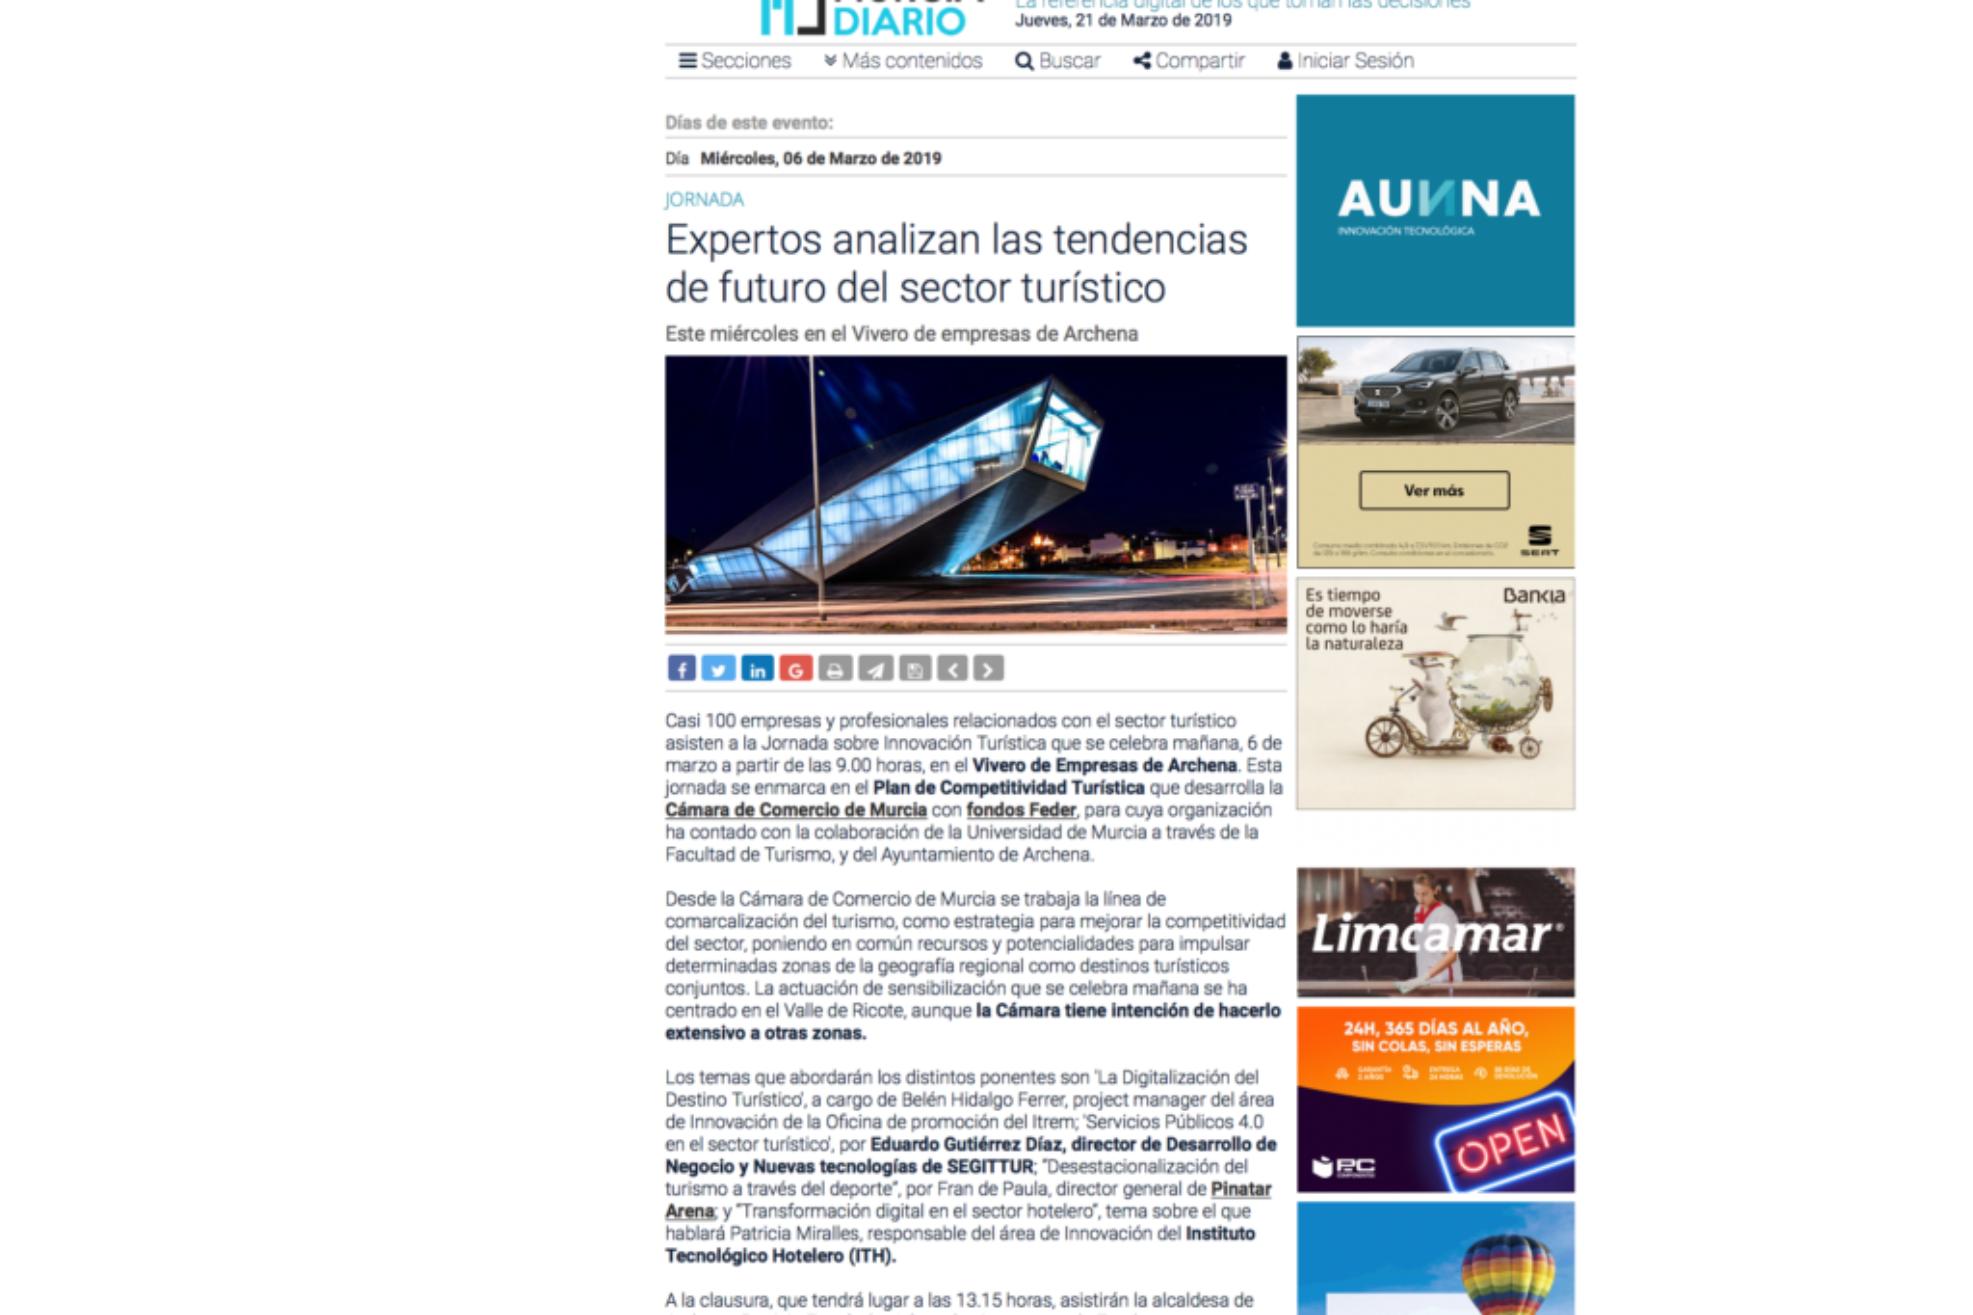 Jornadas Innovacion Turistica